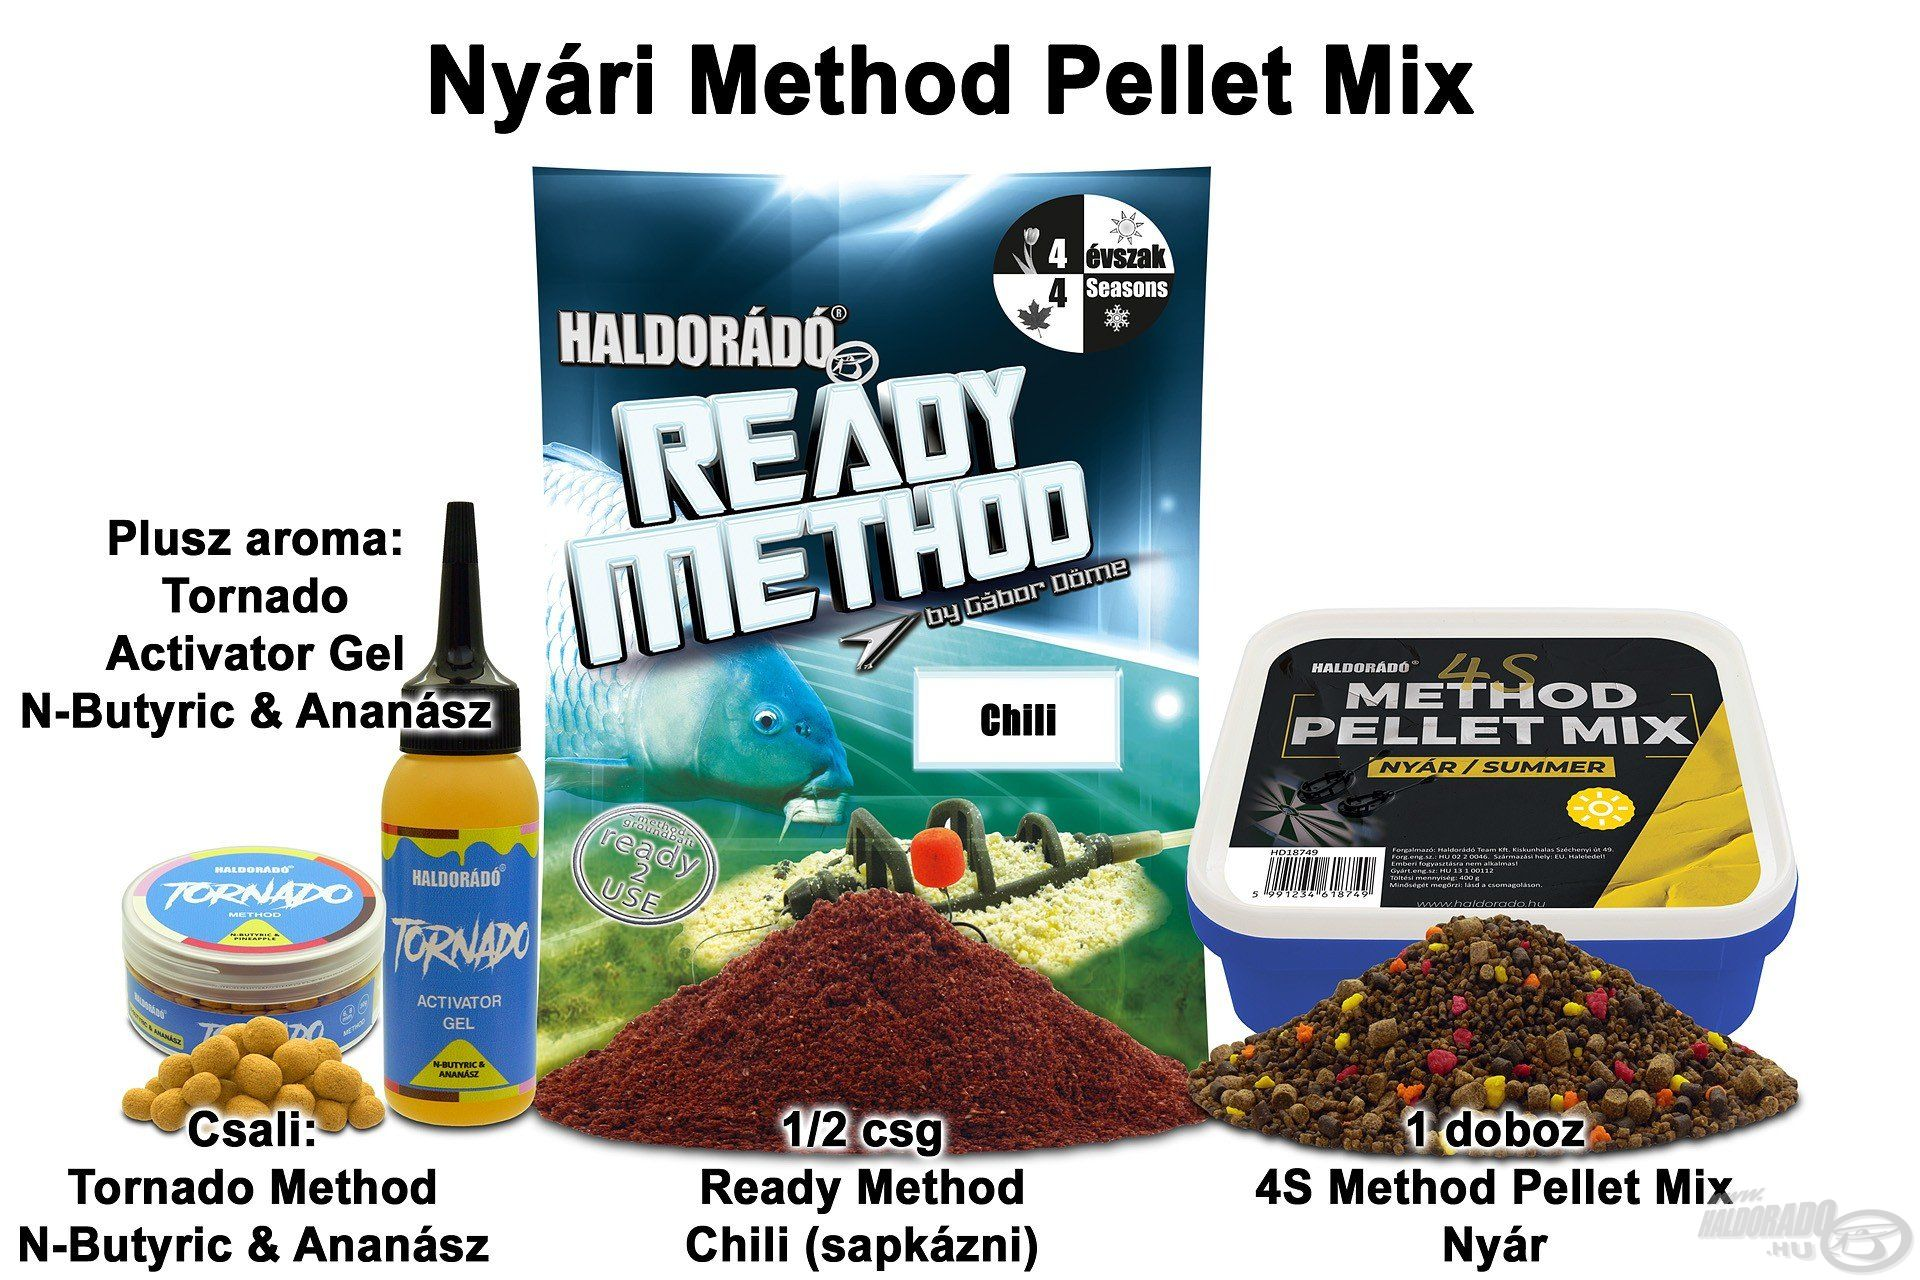 Nyári Method Pellet Mix